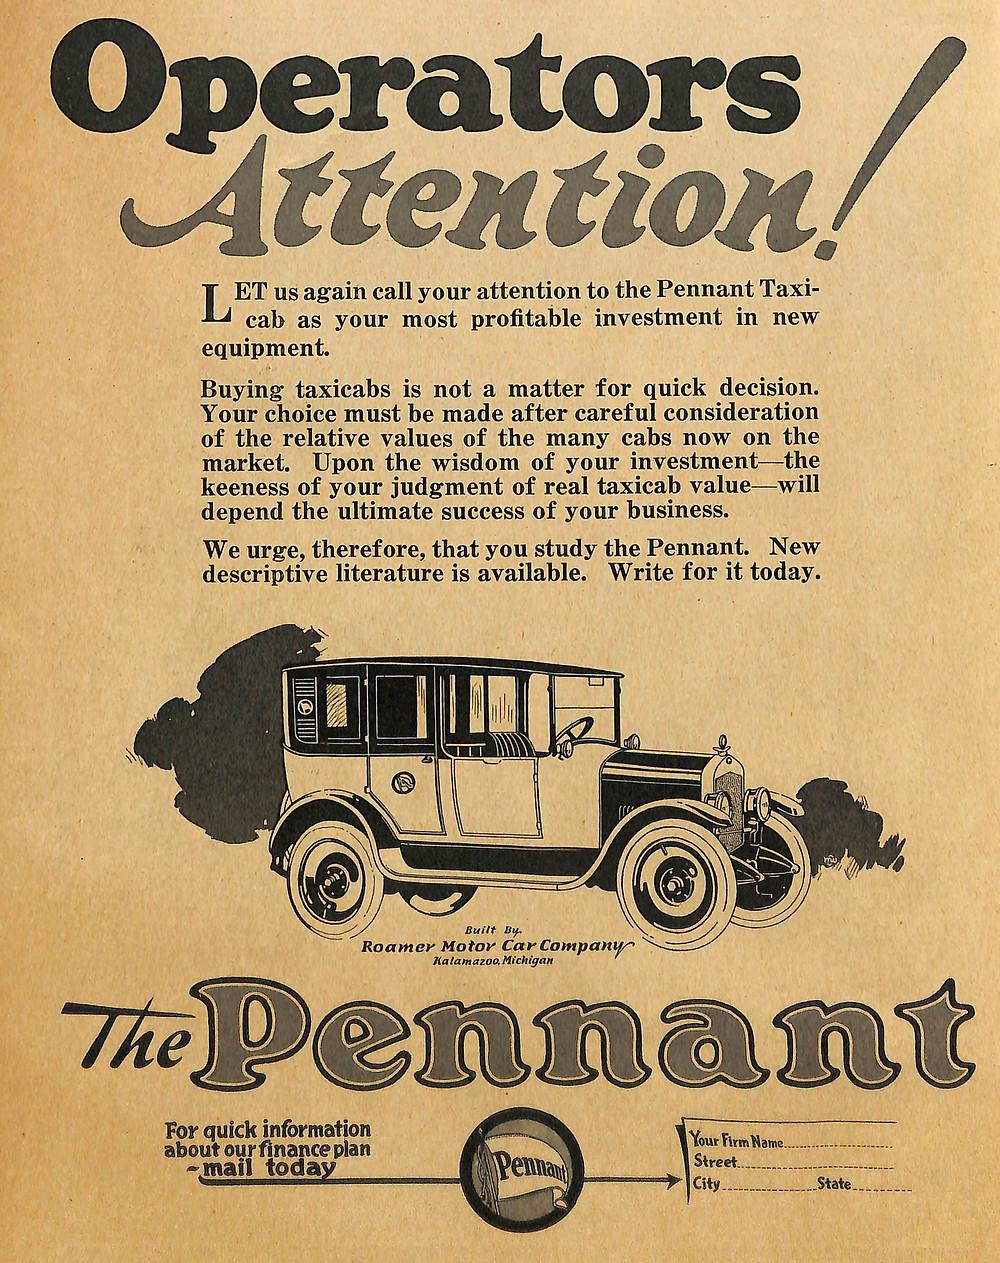 Pennant Taxi, Pennant Cab